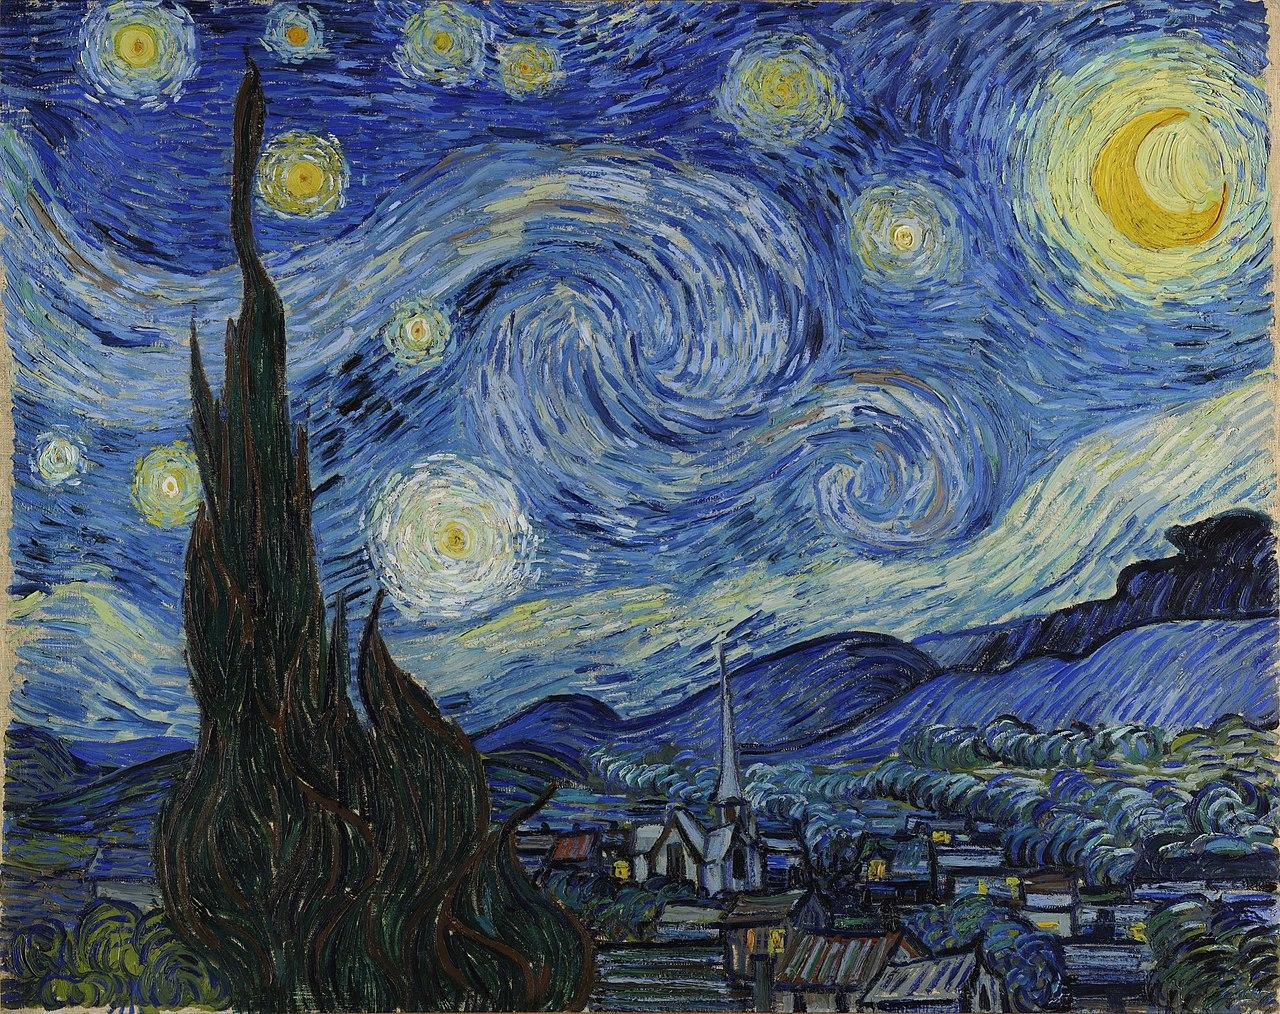 ¿La pintura es abstracta o representativa?